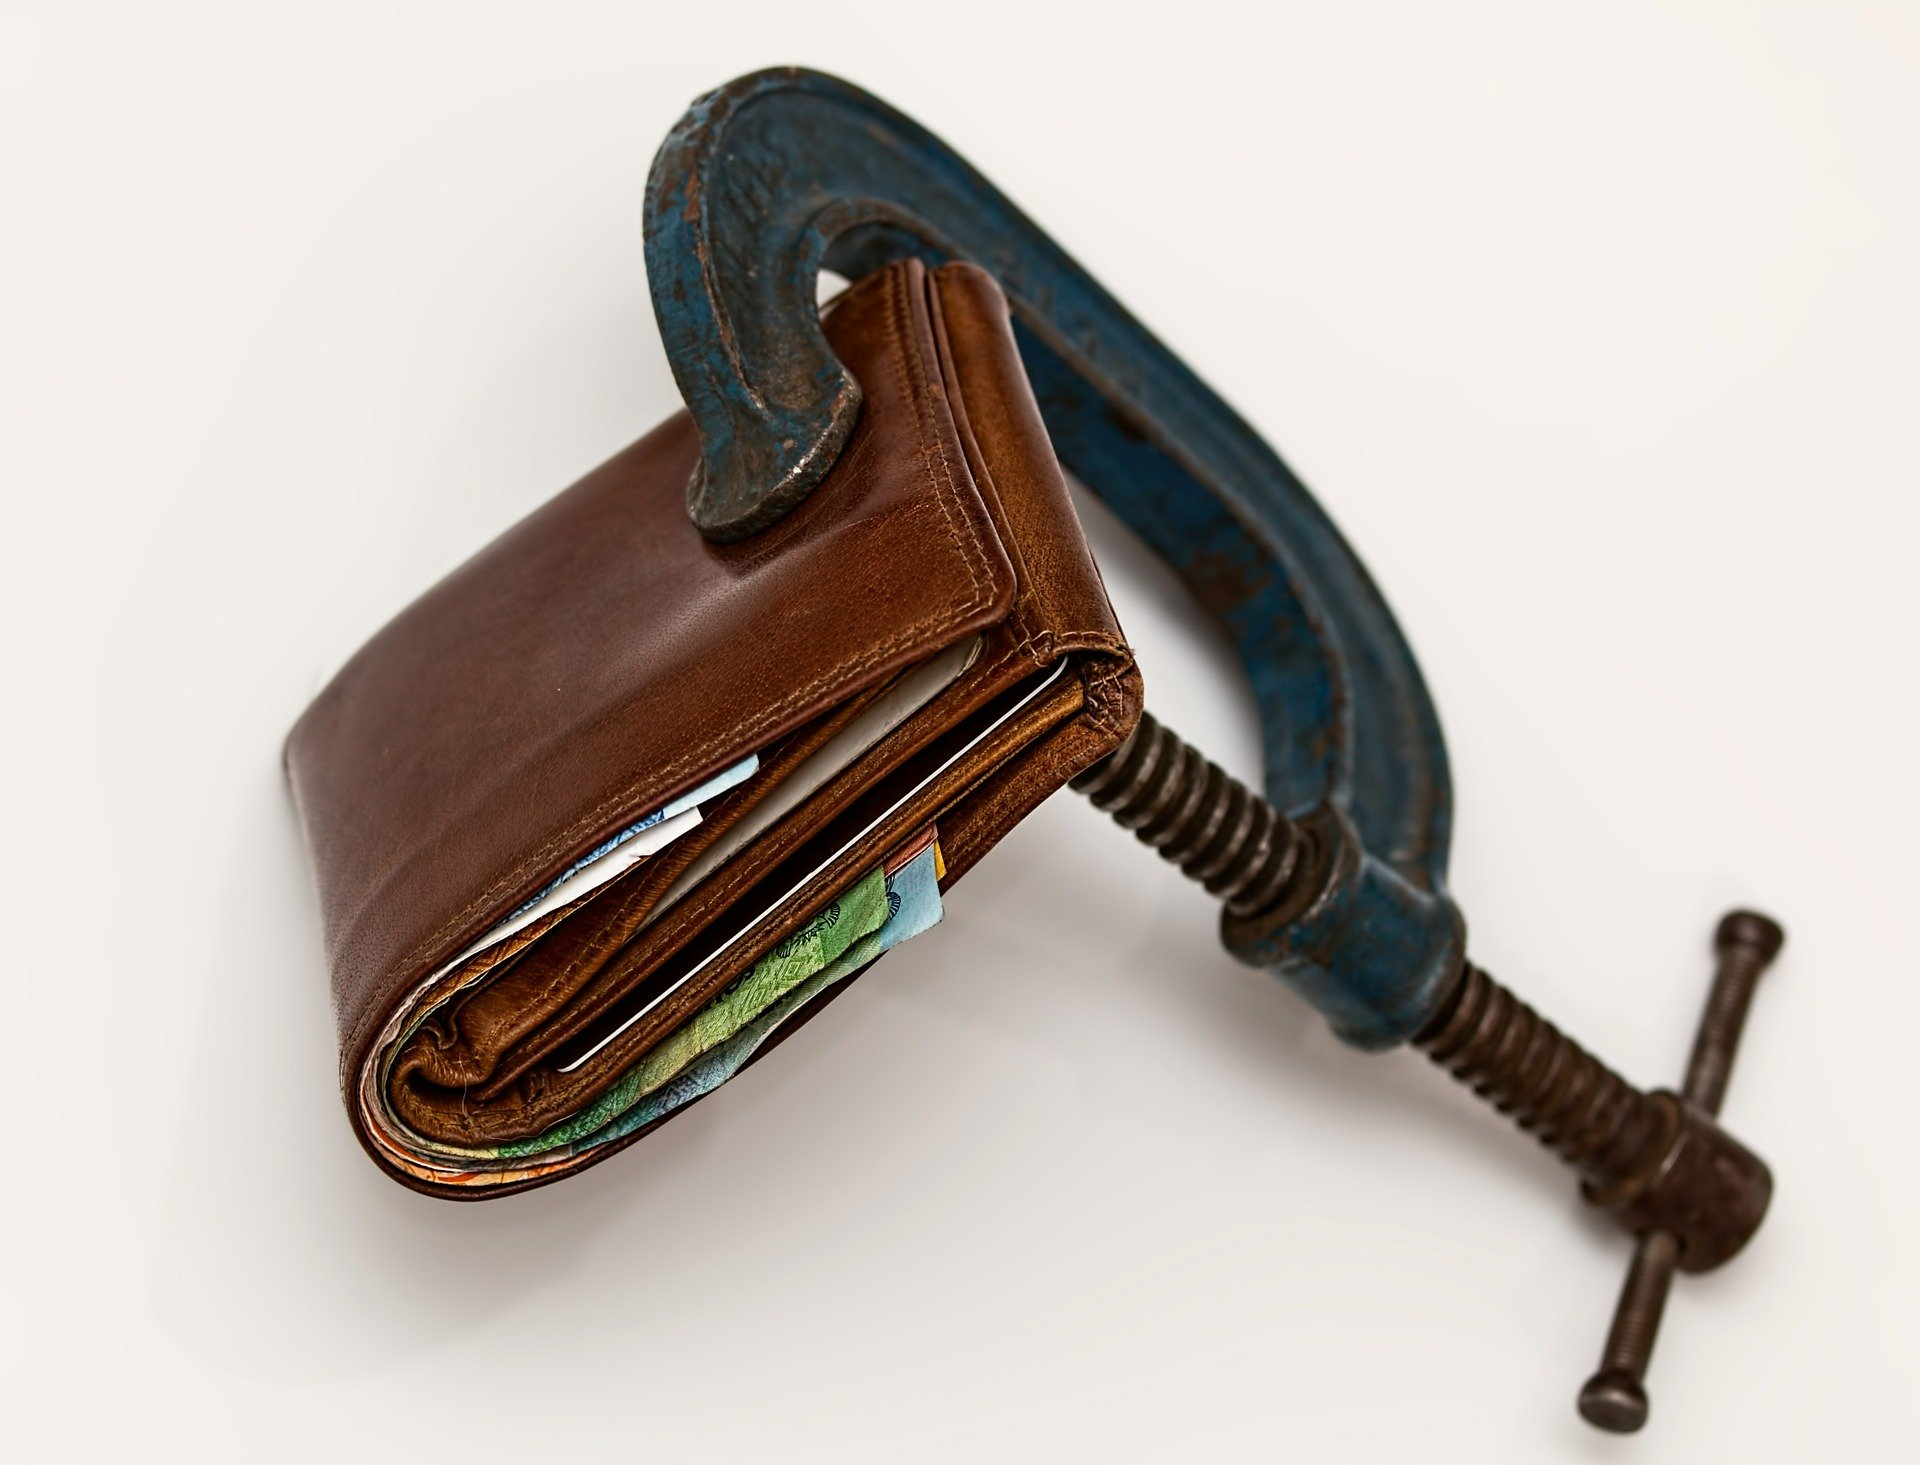 Spirala zadłużenia w pigułce. Sprawdź czym jest, jak z niej wyjść i co robić, aby w nią nie wpaść jeśli istnieje takie zagrożenie